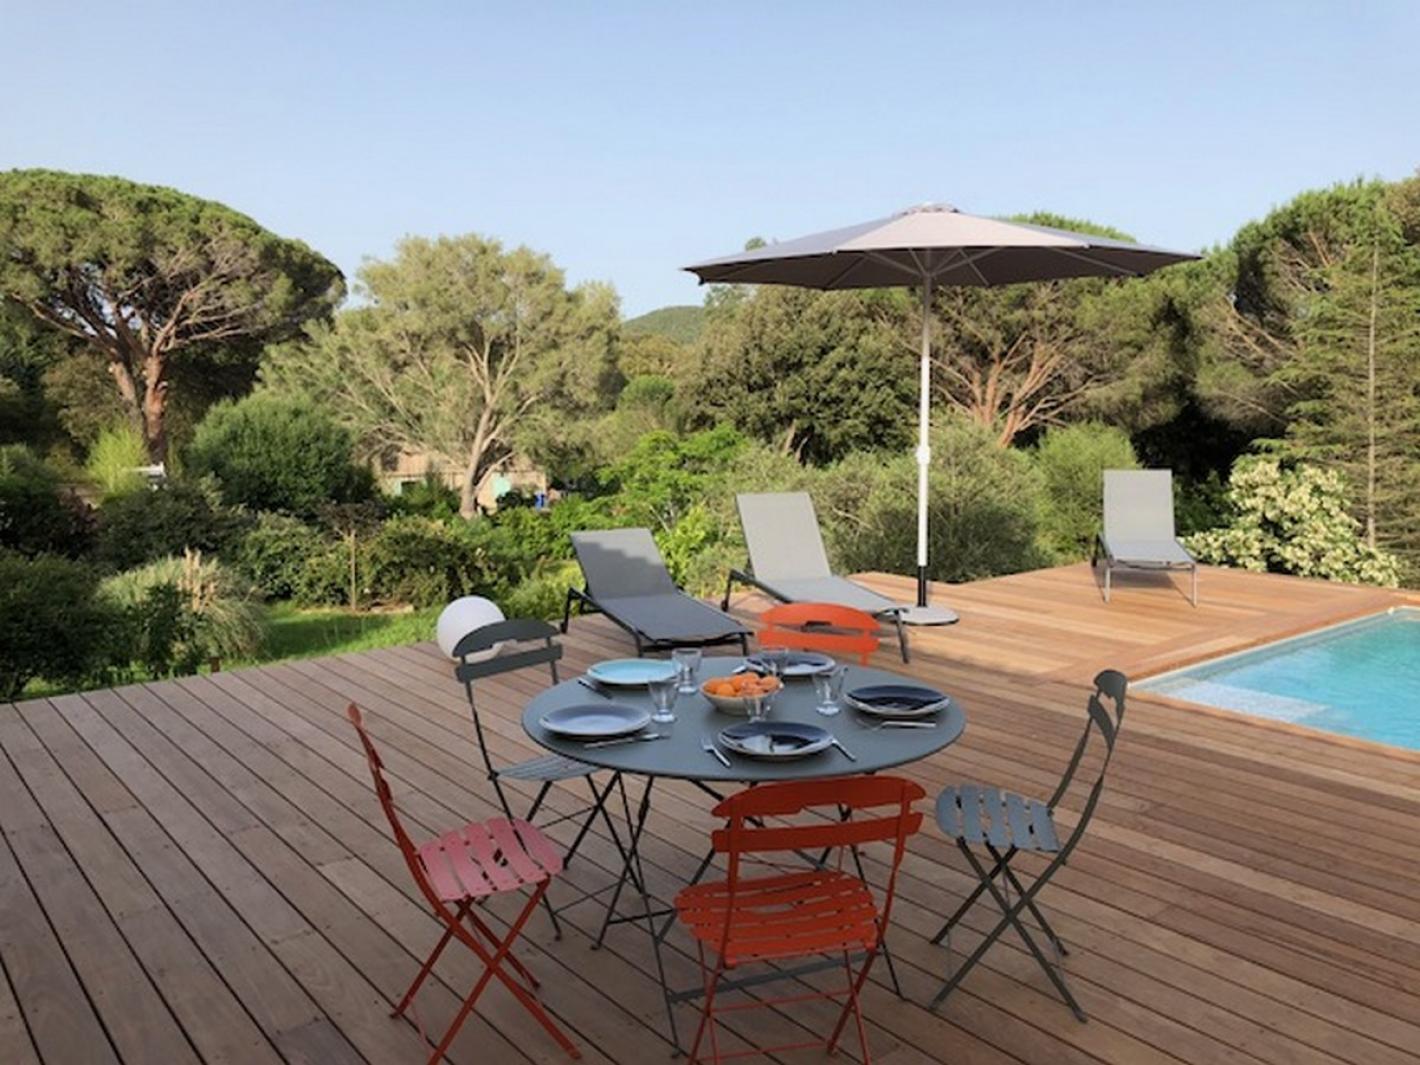 Villa au calme piscine priv e hameau de nota porto vecchio - Location maison piscine porto vecchio ...